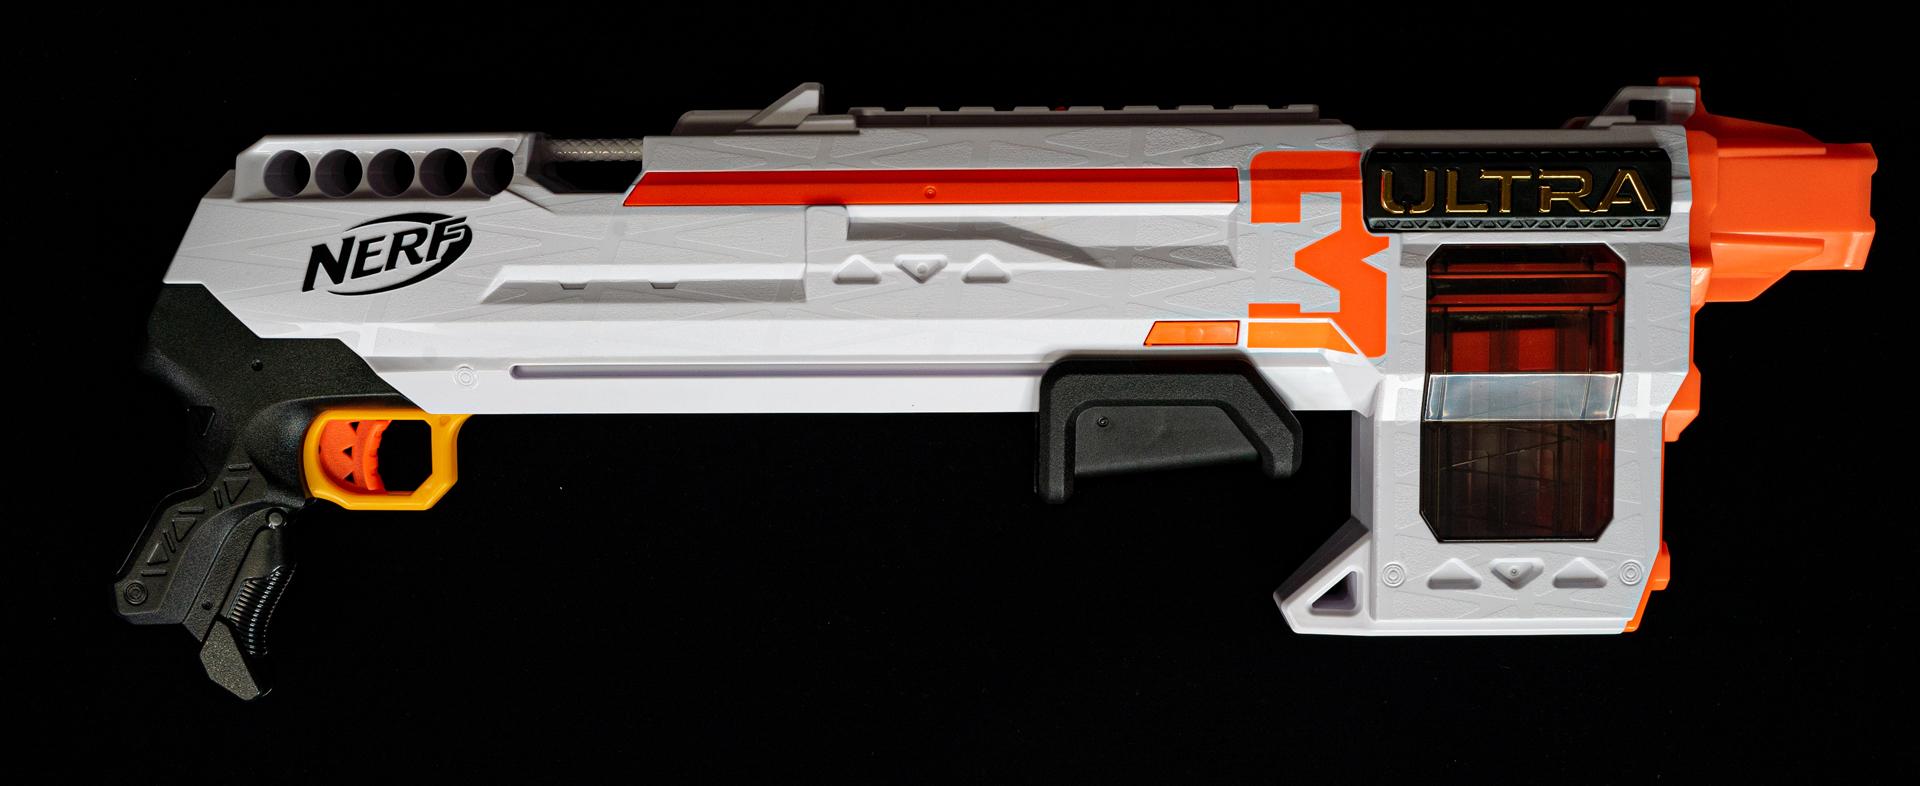 トイガンらしい実銃ではあり得なそうなフォルムも楽しい「ナーフ ウルトラ 3」、実売価格 3,498円(税込)